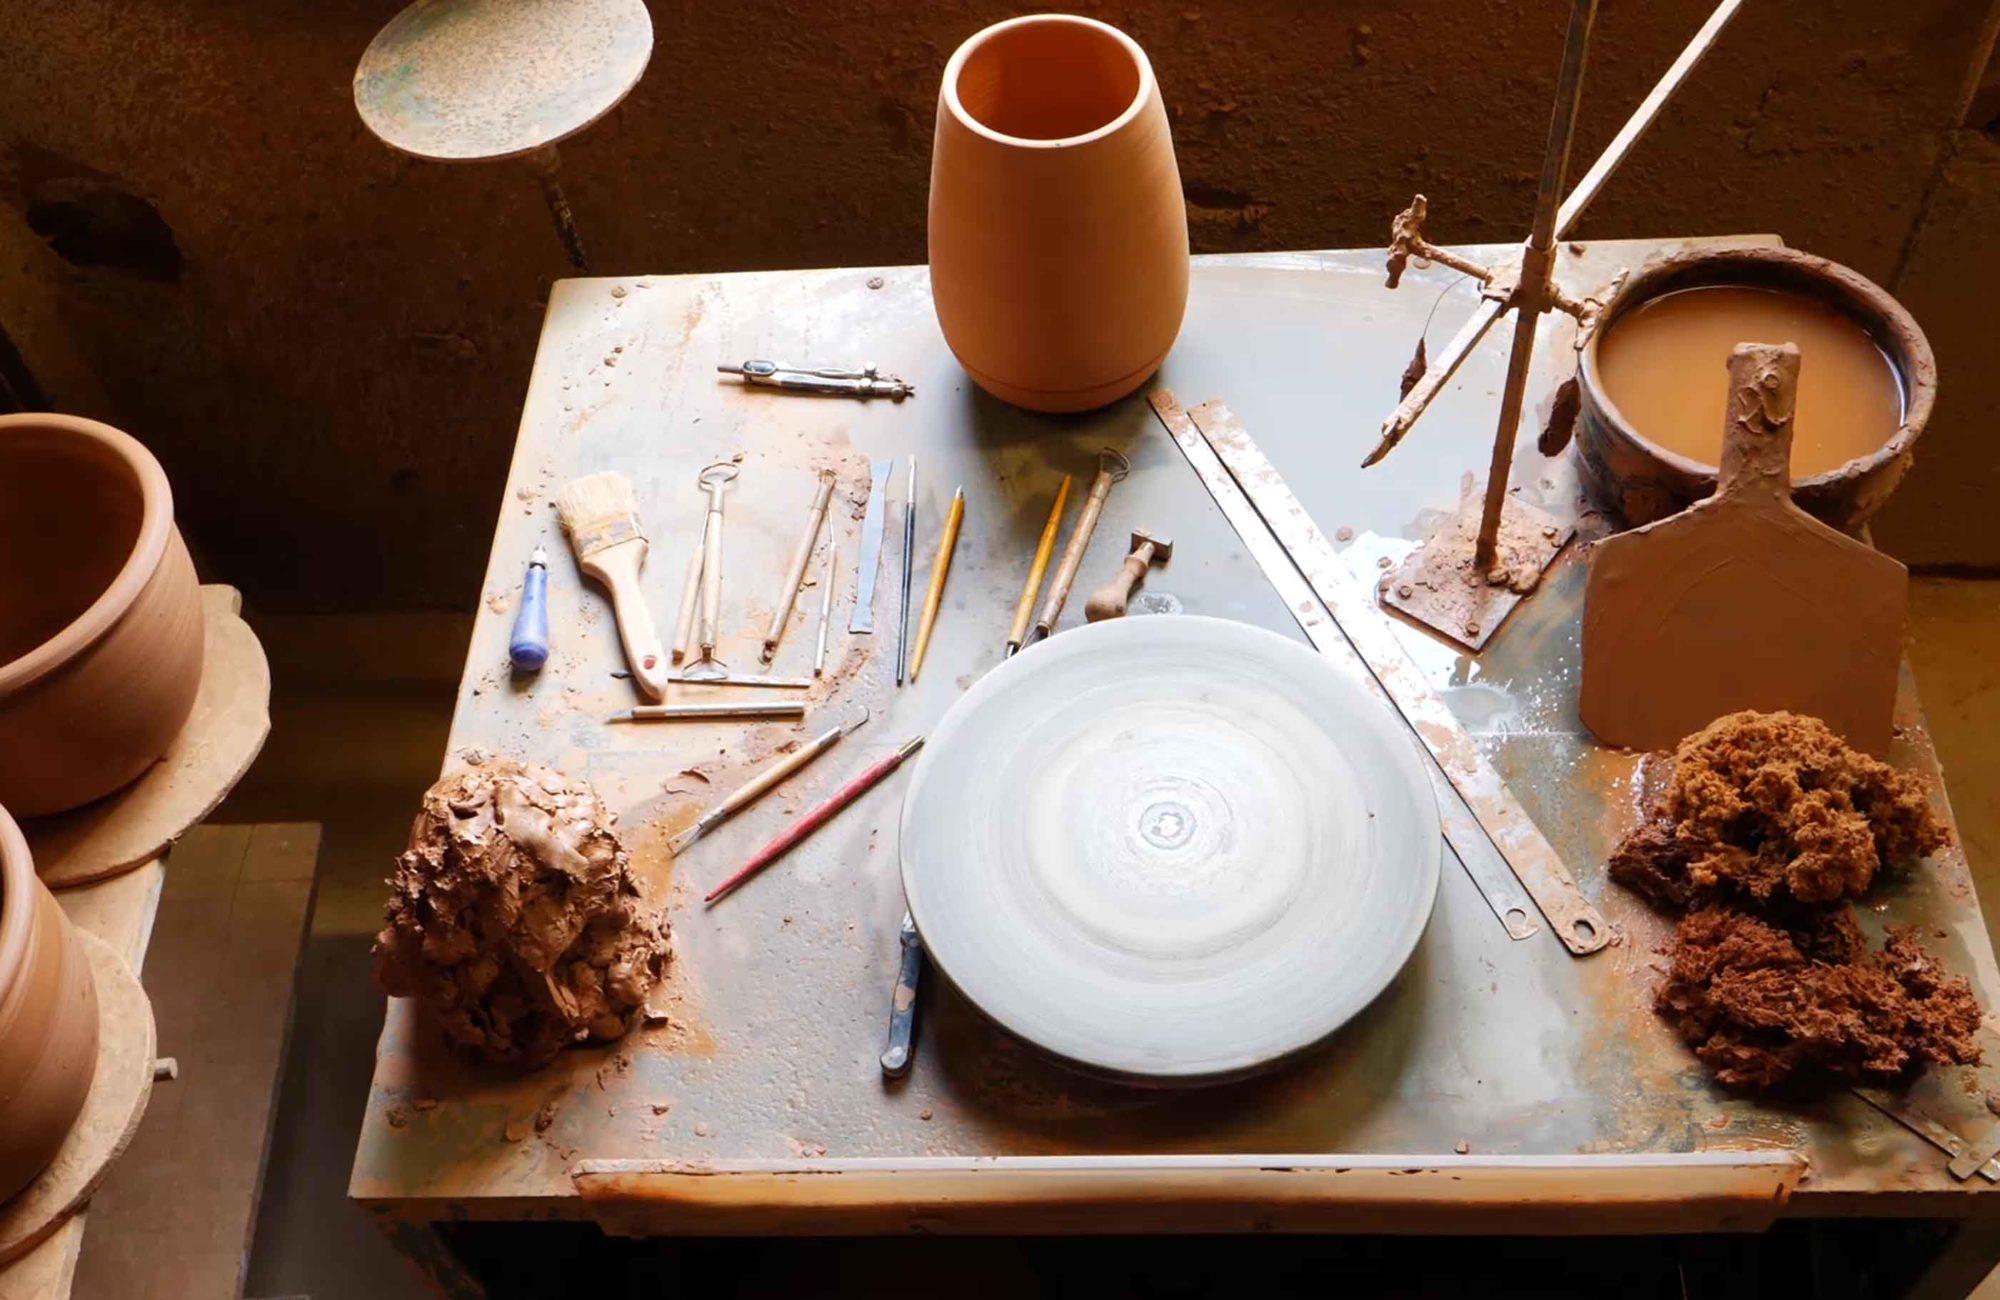 fabrication des poteries d'Albi dans l'atelier